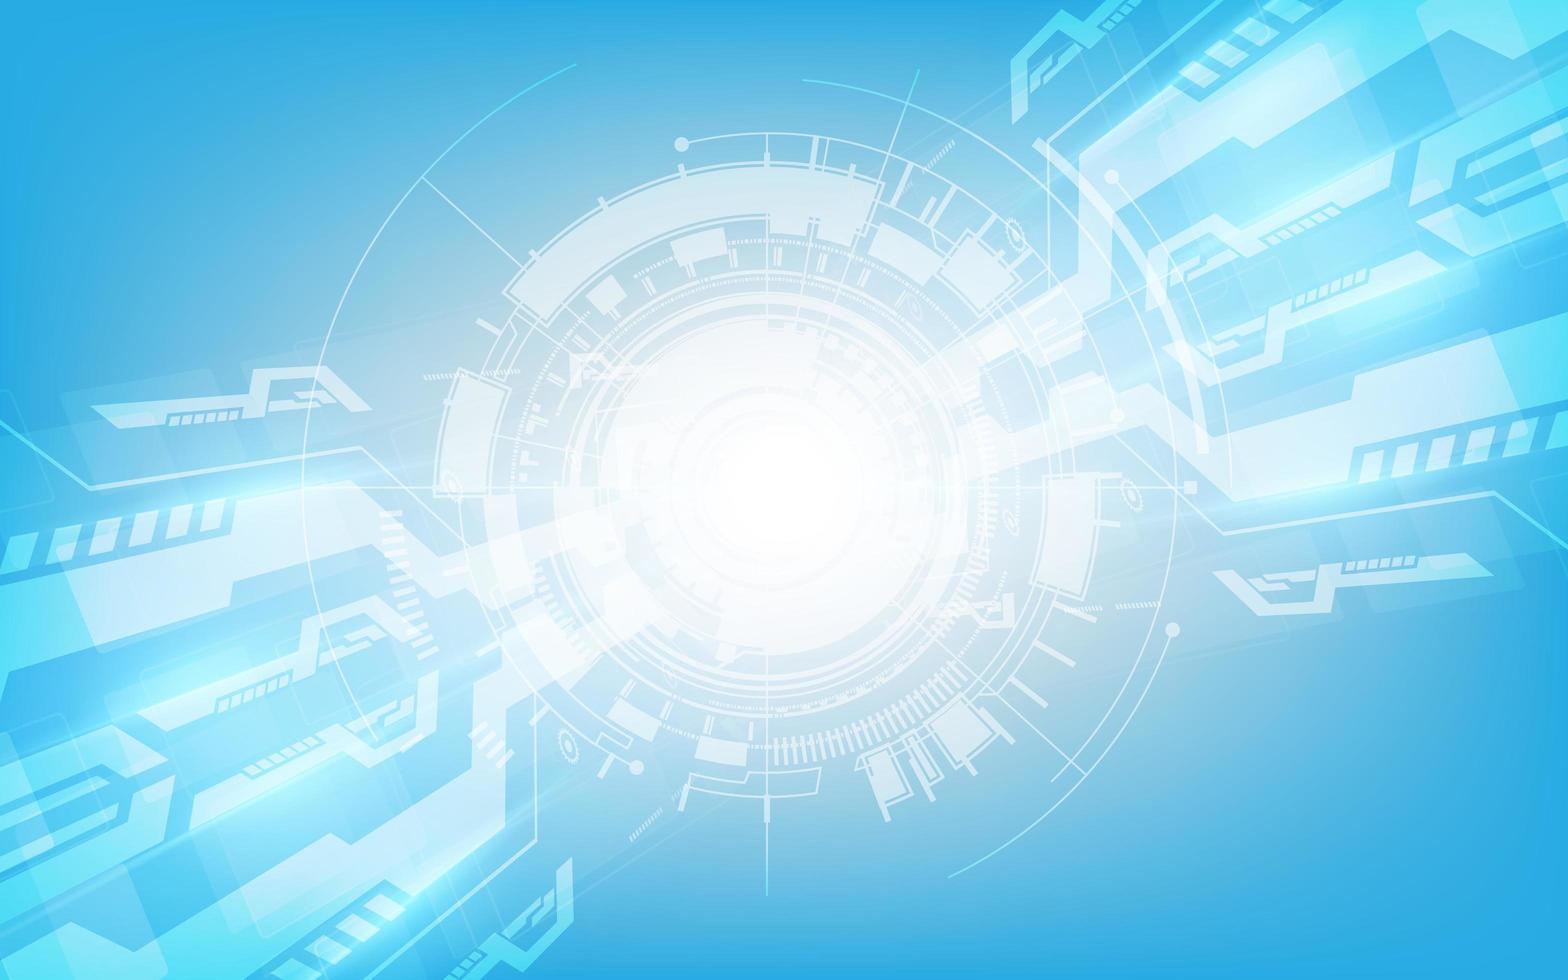 abstrakt digital hi tech teknik innovation koncept vektor bakgrund